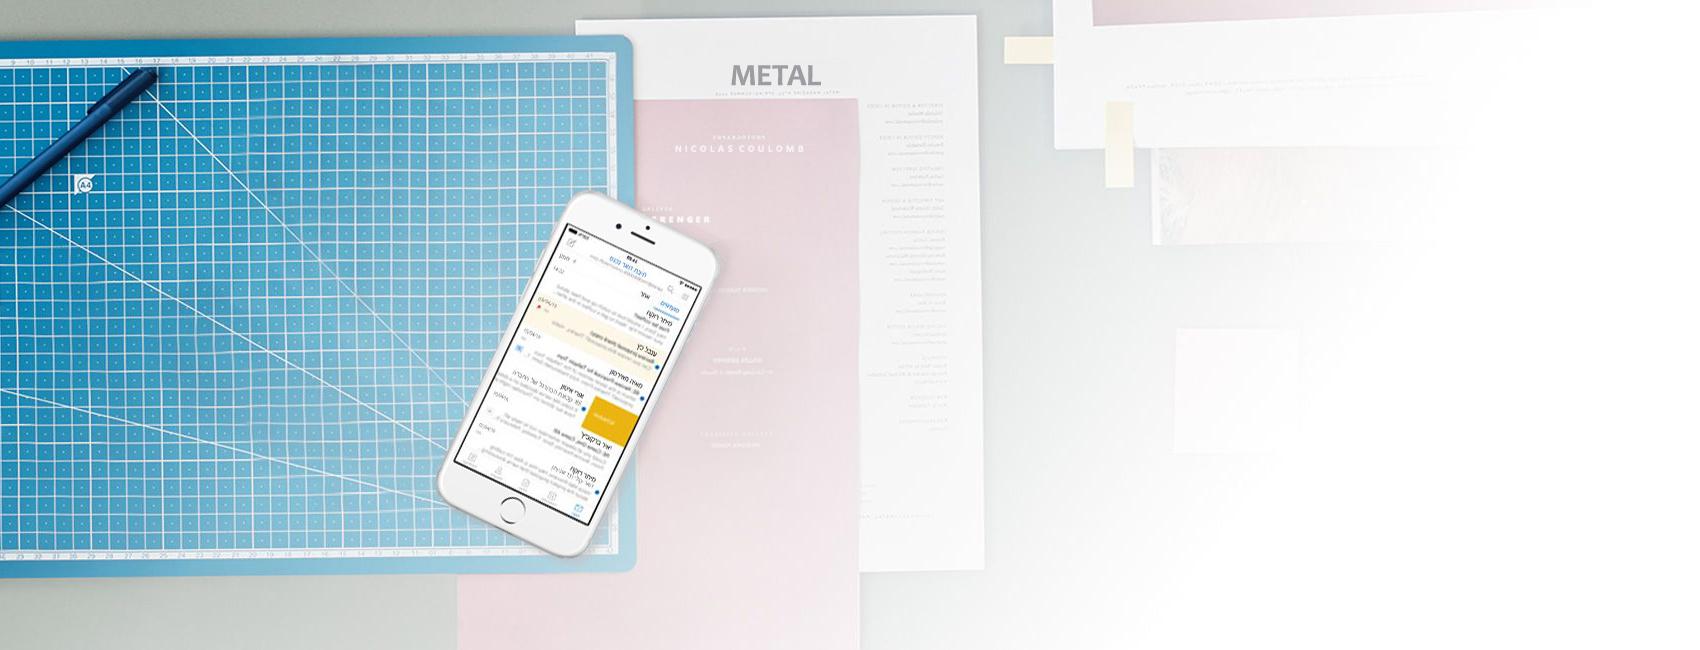 טלפון המציג תיבת דואר נכנס ביישום Outlook